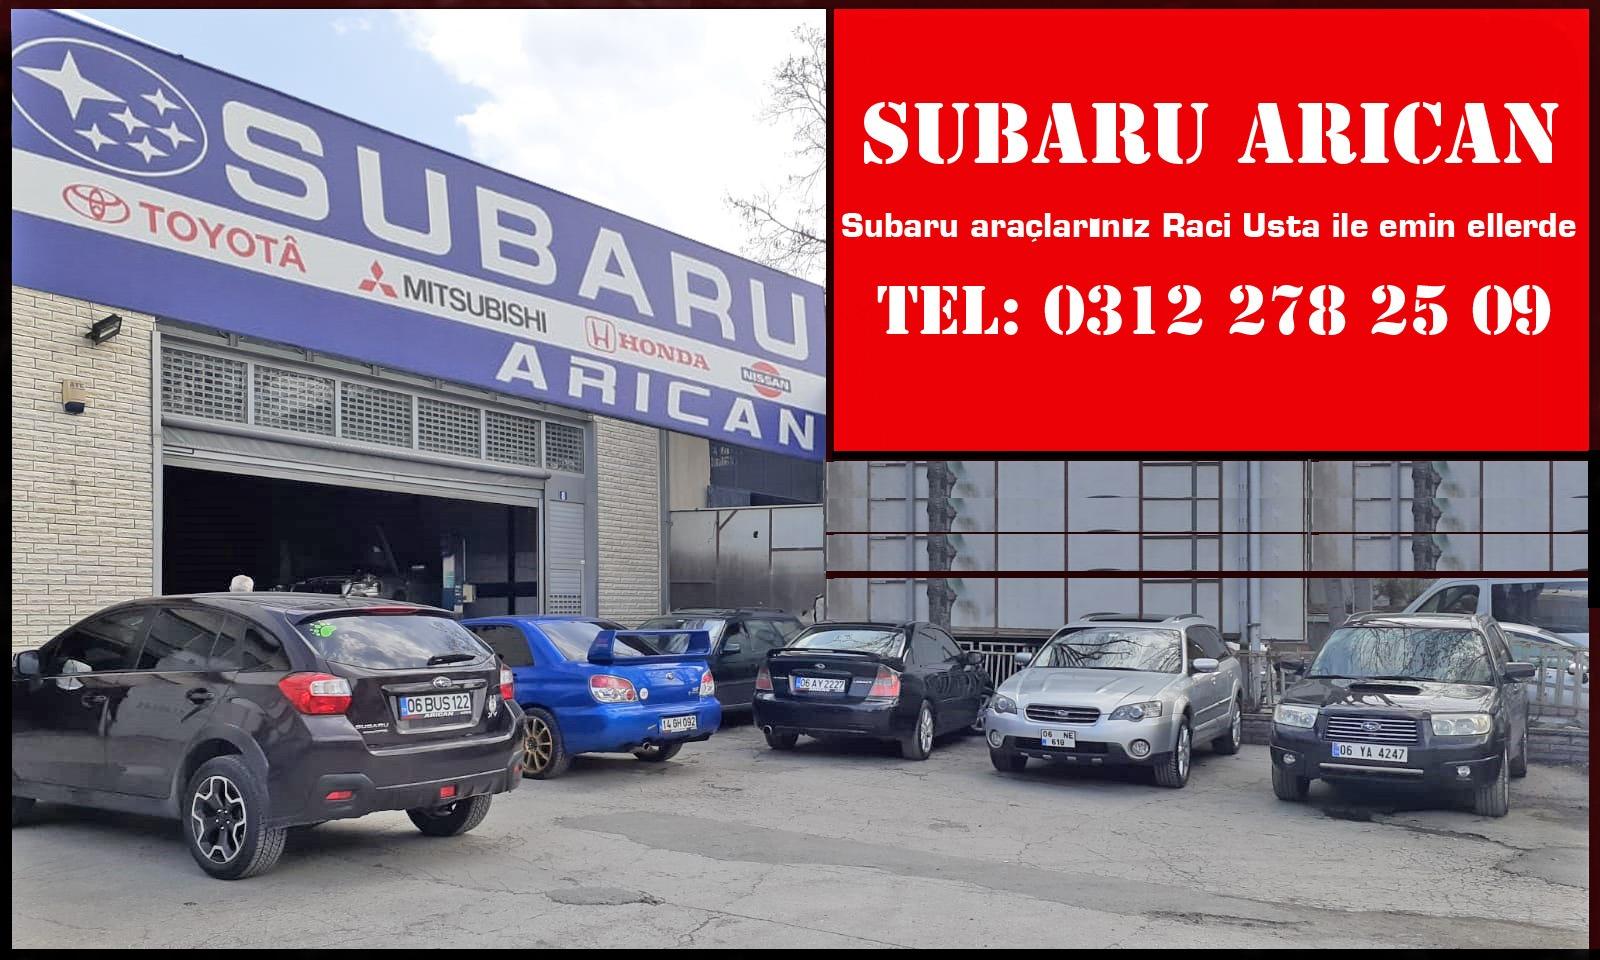 Subaru Araçlarınız Raci Usta ile Emin Ellerde